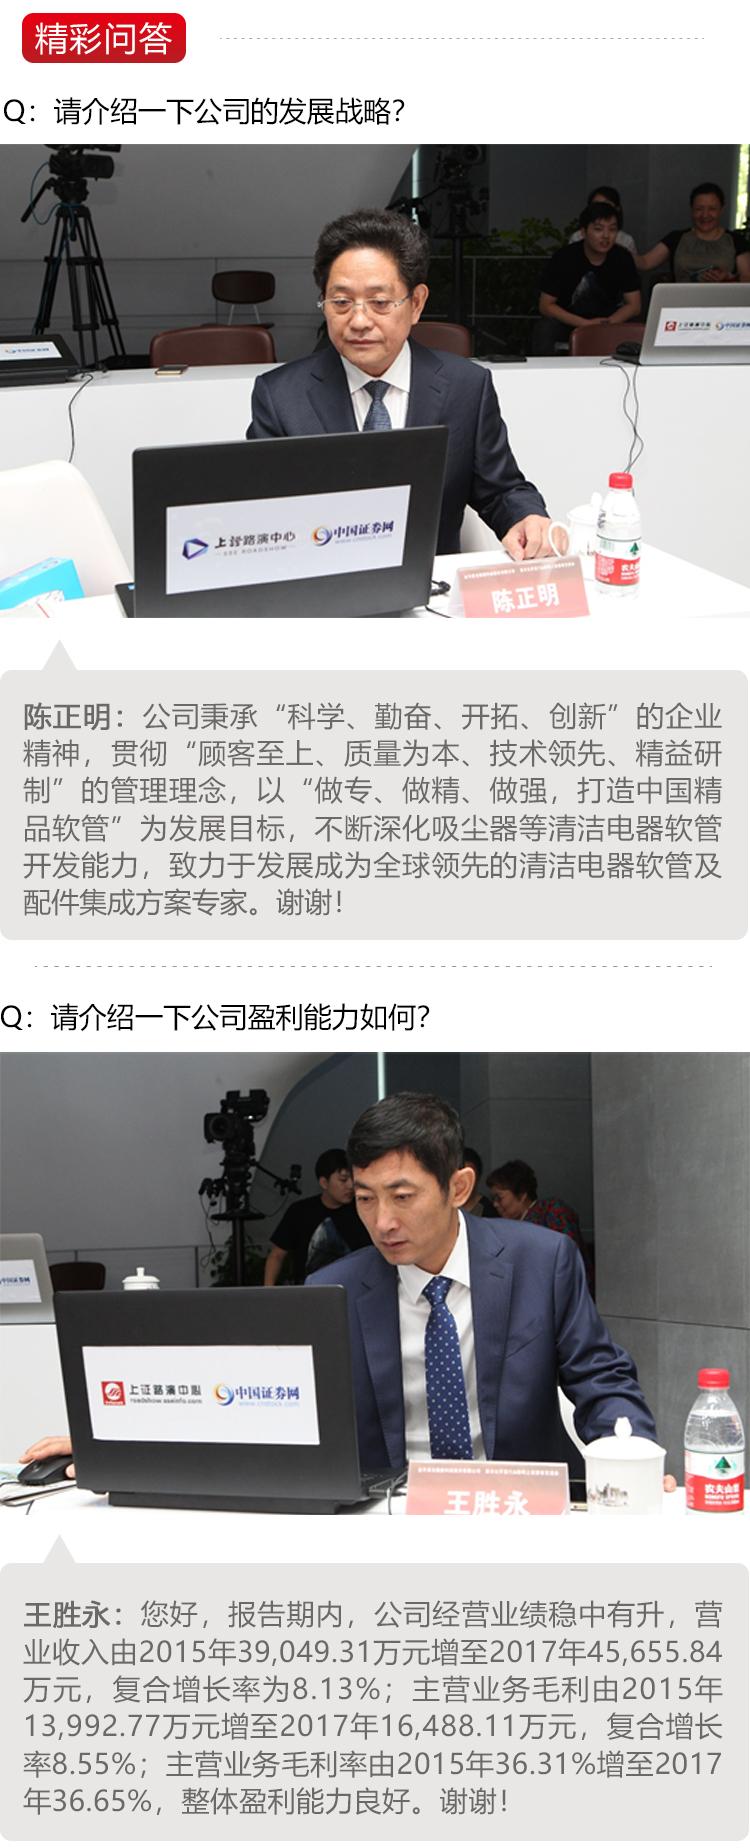 春光科技路演-1_06.jpg